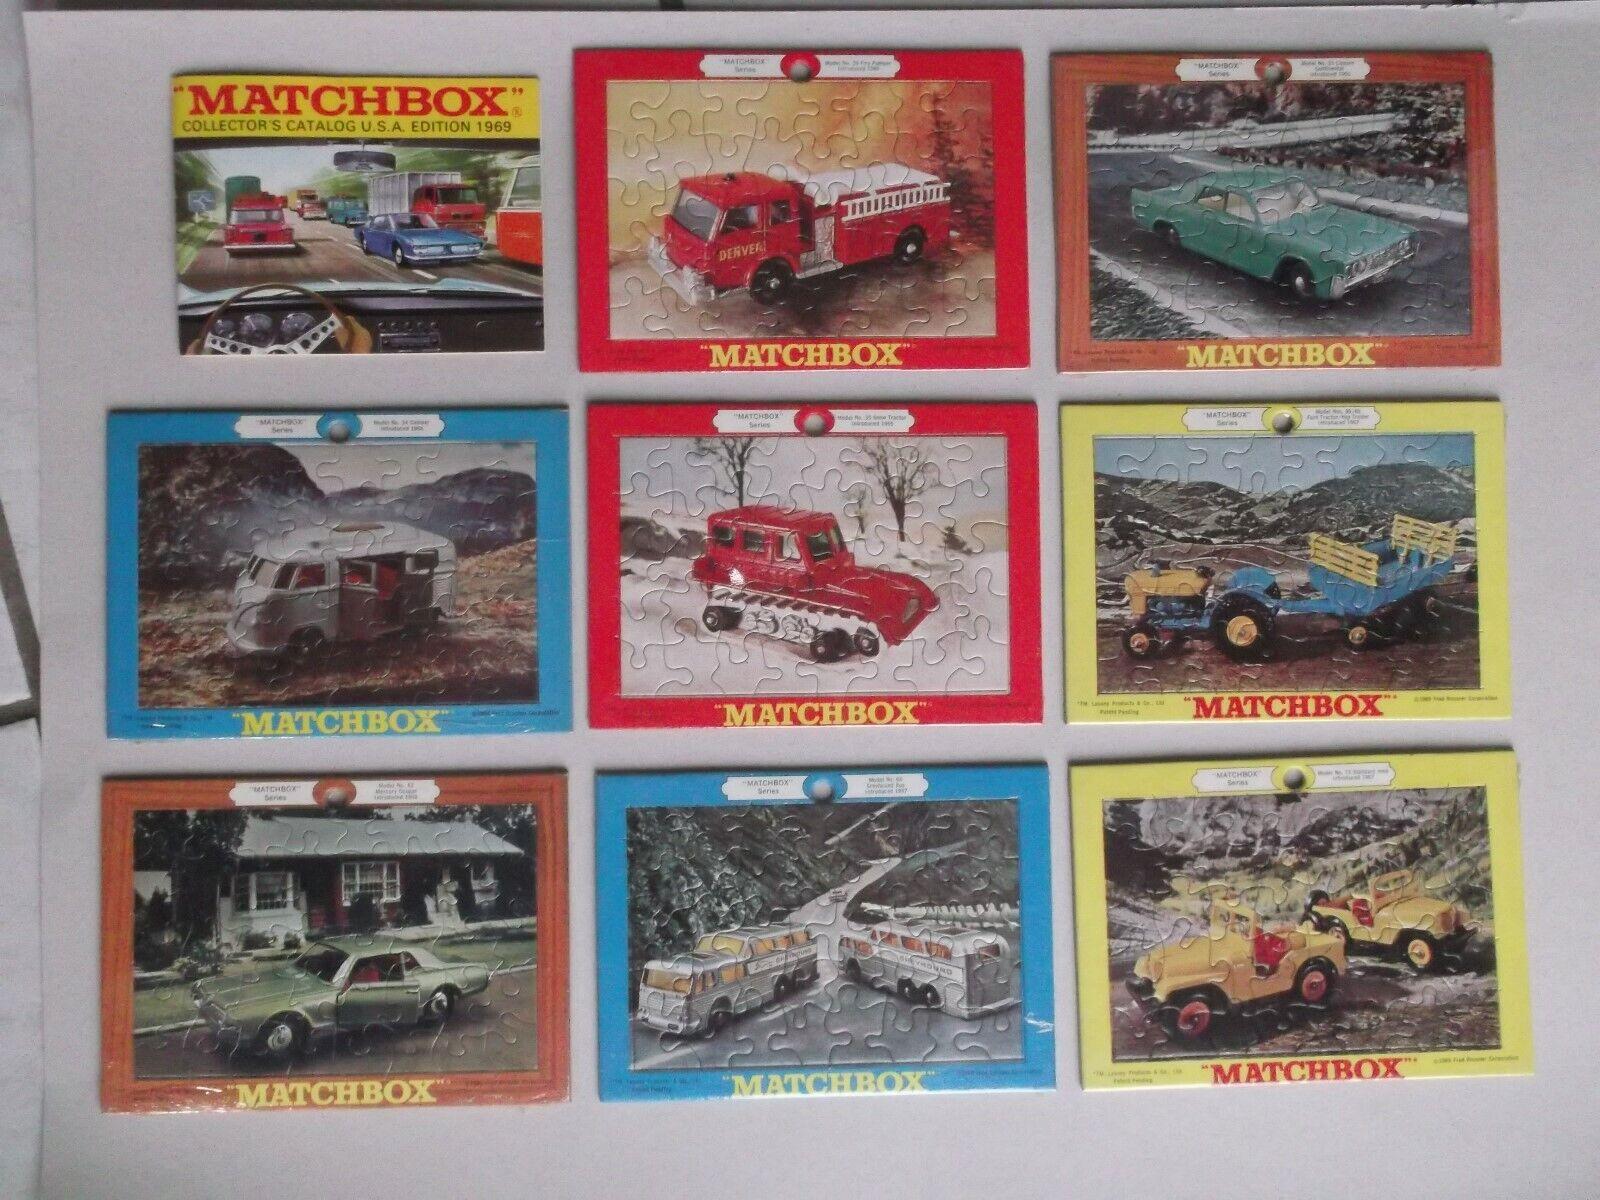 Rarità  MATCHscatola regular ruedas  8 puzzle di 1969, NUOVO, ancora OVP,  catalogo